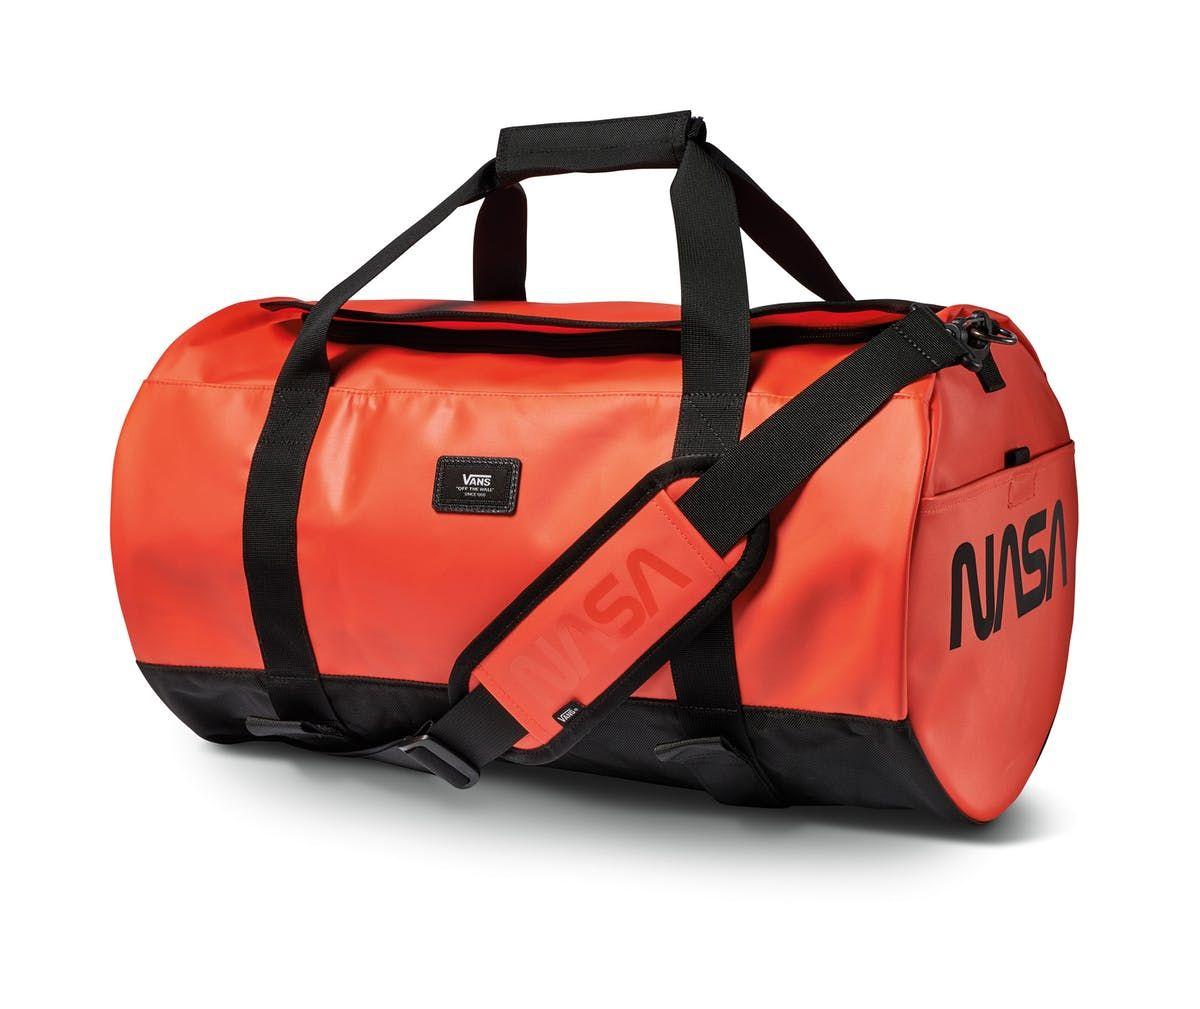 3944292b4c Space orange grind skate duffel bag by VANS X SPACE VOYAGER